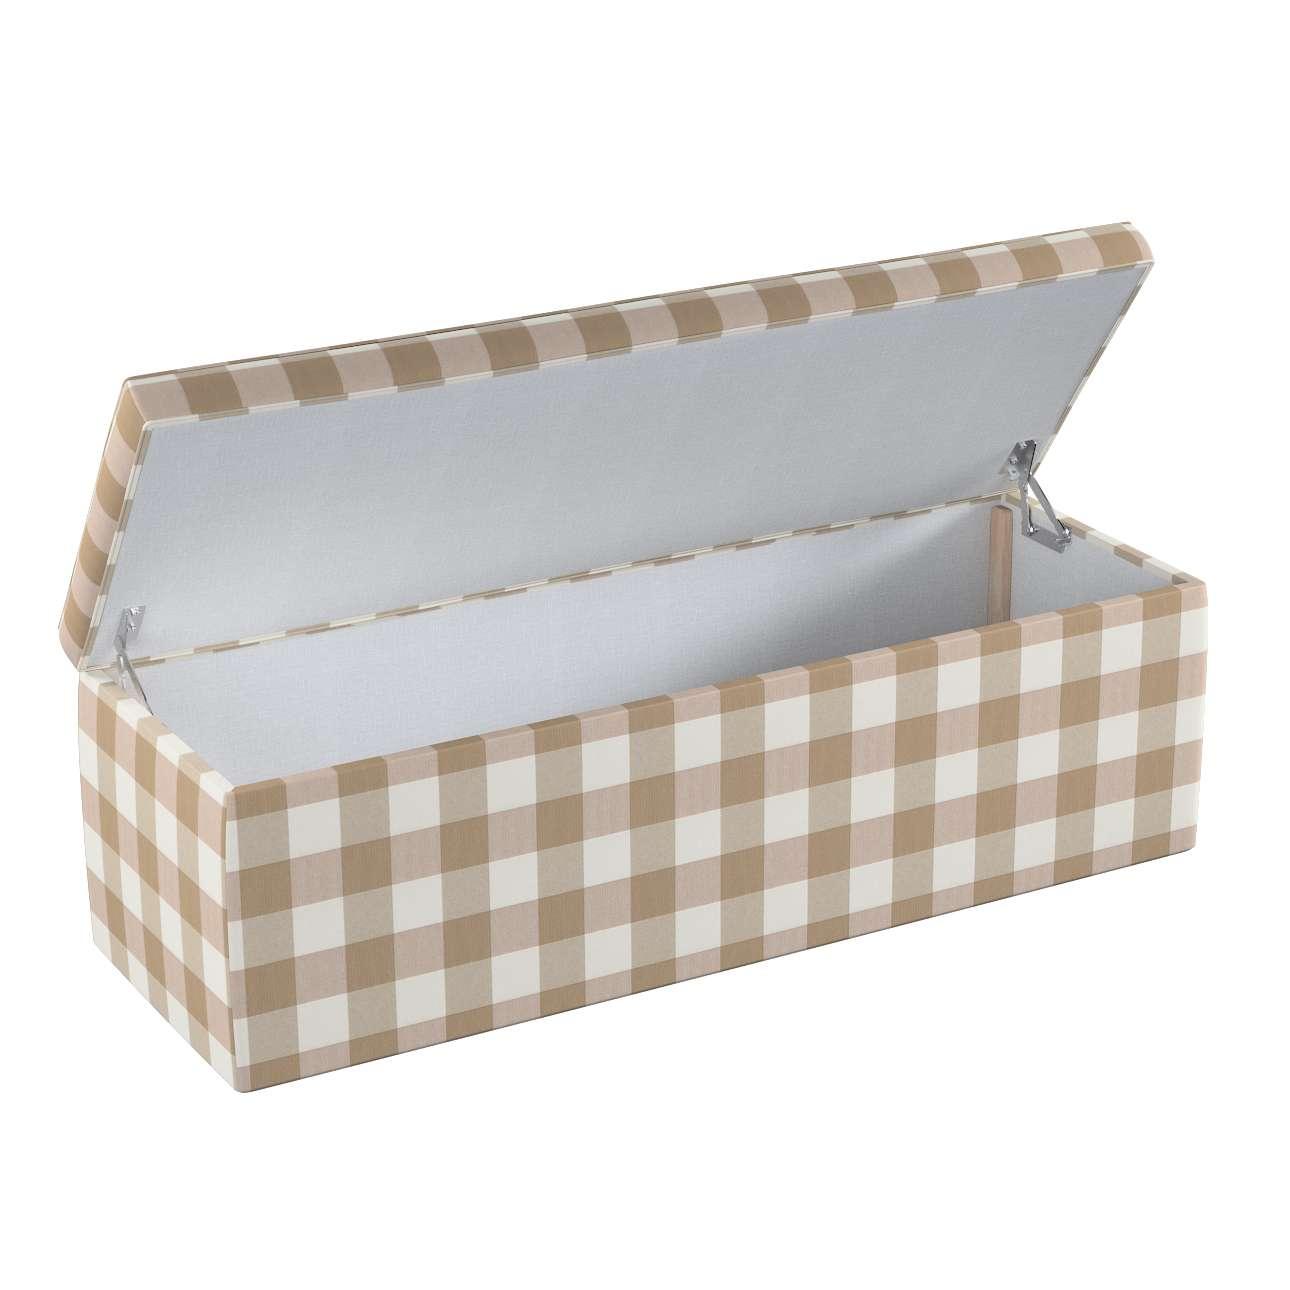 Čalouněná skříň 90 x 40 x 40 cm v kolekci Quadro, látka: 136-08